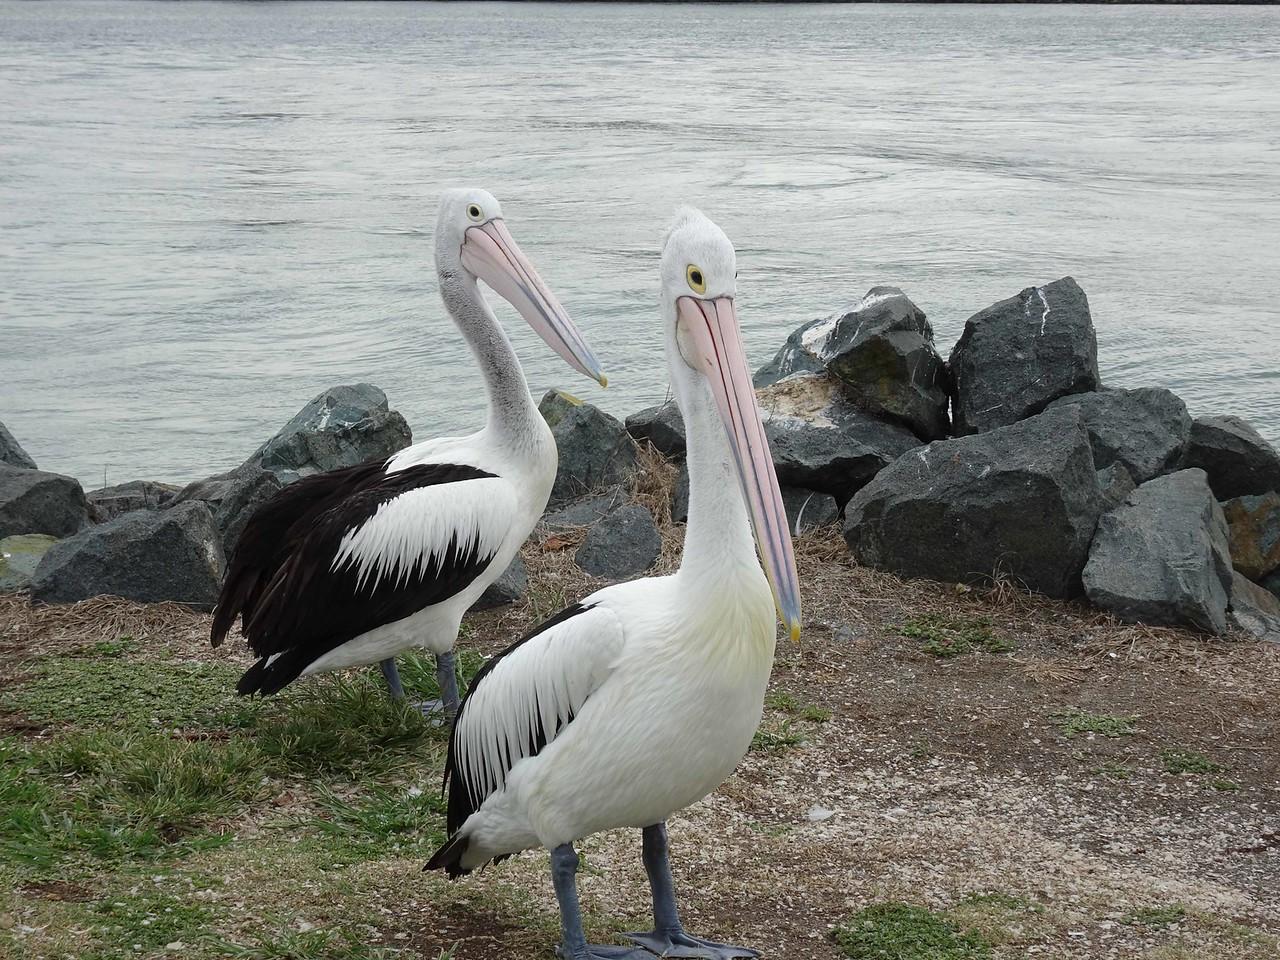 627 Australian pelicans in Forster